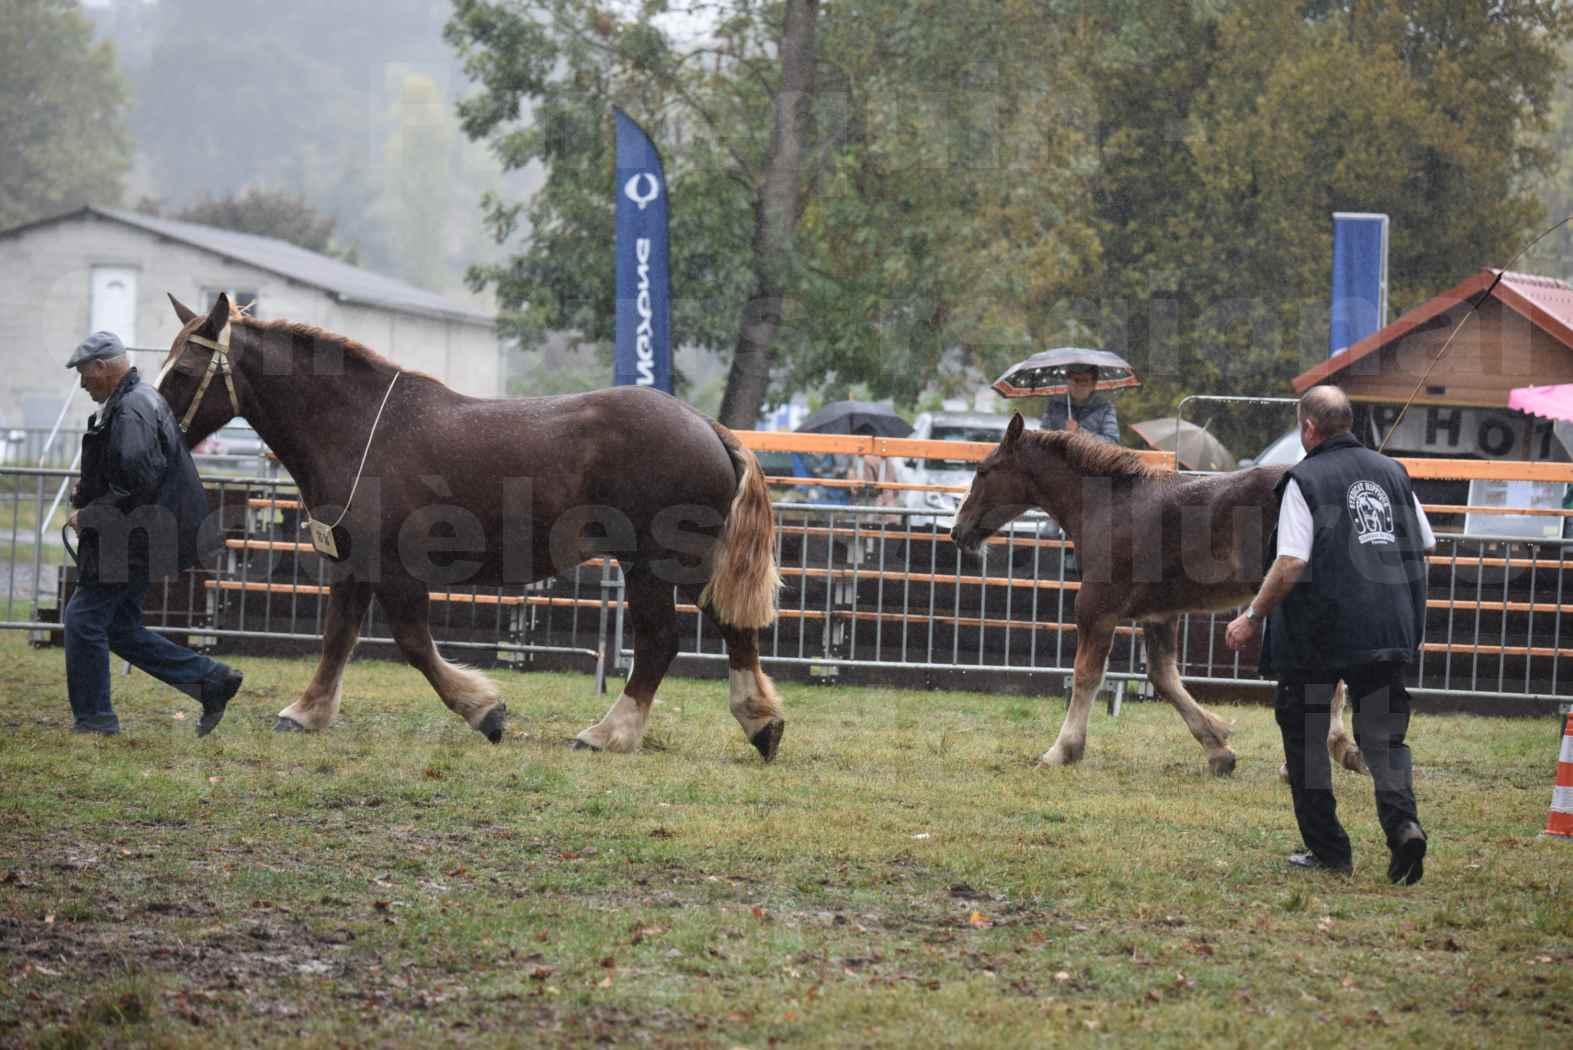 Concours Régional de chevaux de traits en 2017 - Trait BRETON - Jument suitée - SISIE DE LA GLEVADE - 06